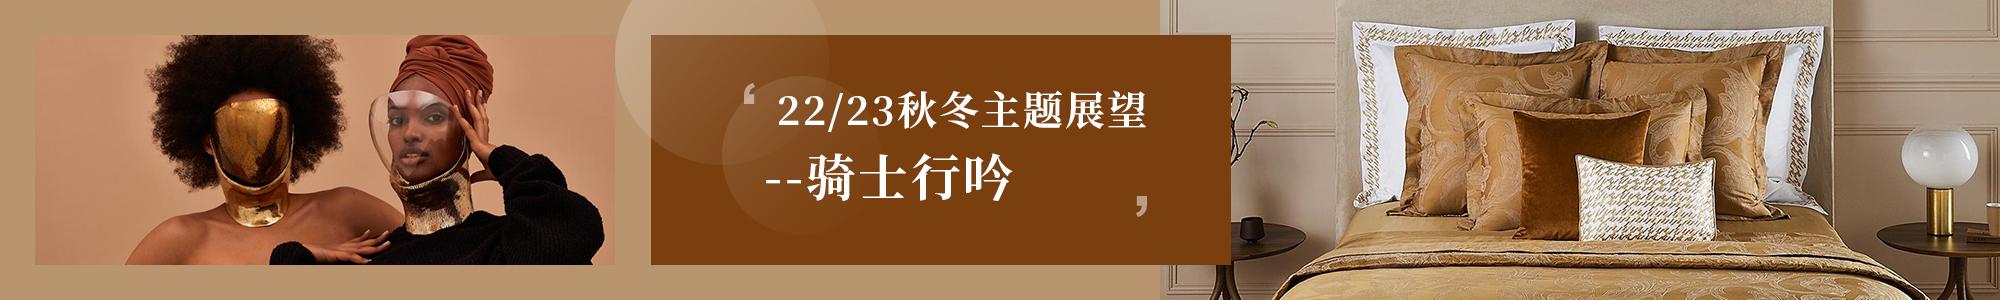 22/23秋冬主题展望--骑士行吟